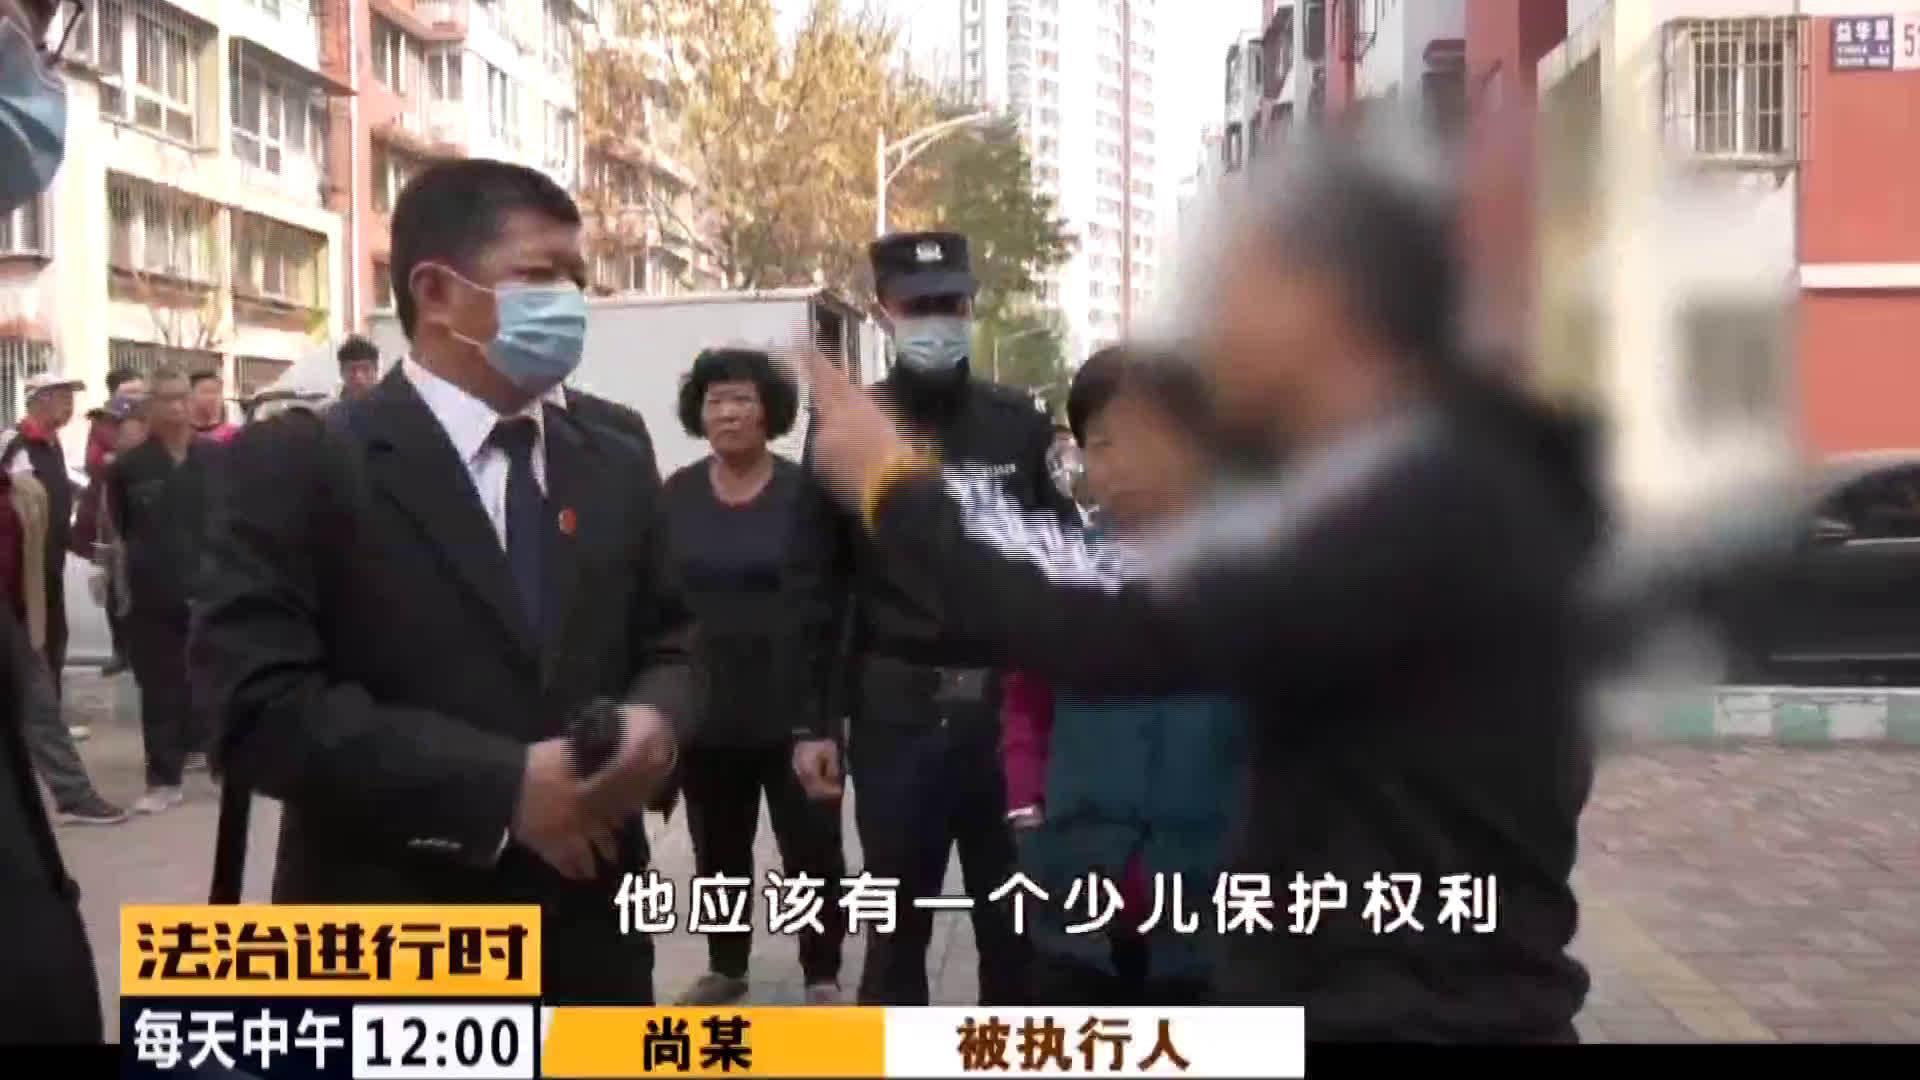 北京:诈骗犯拒不腾退房屋履行赔偿 法官赶赴天津强制执行